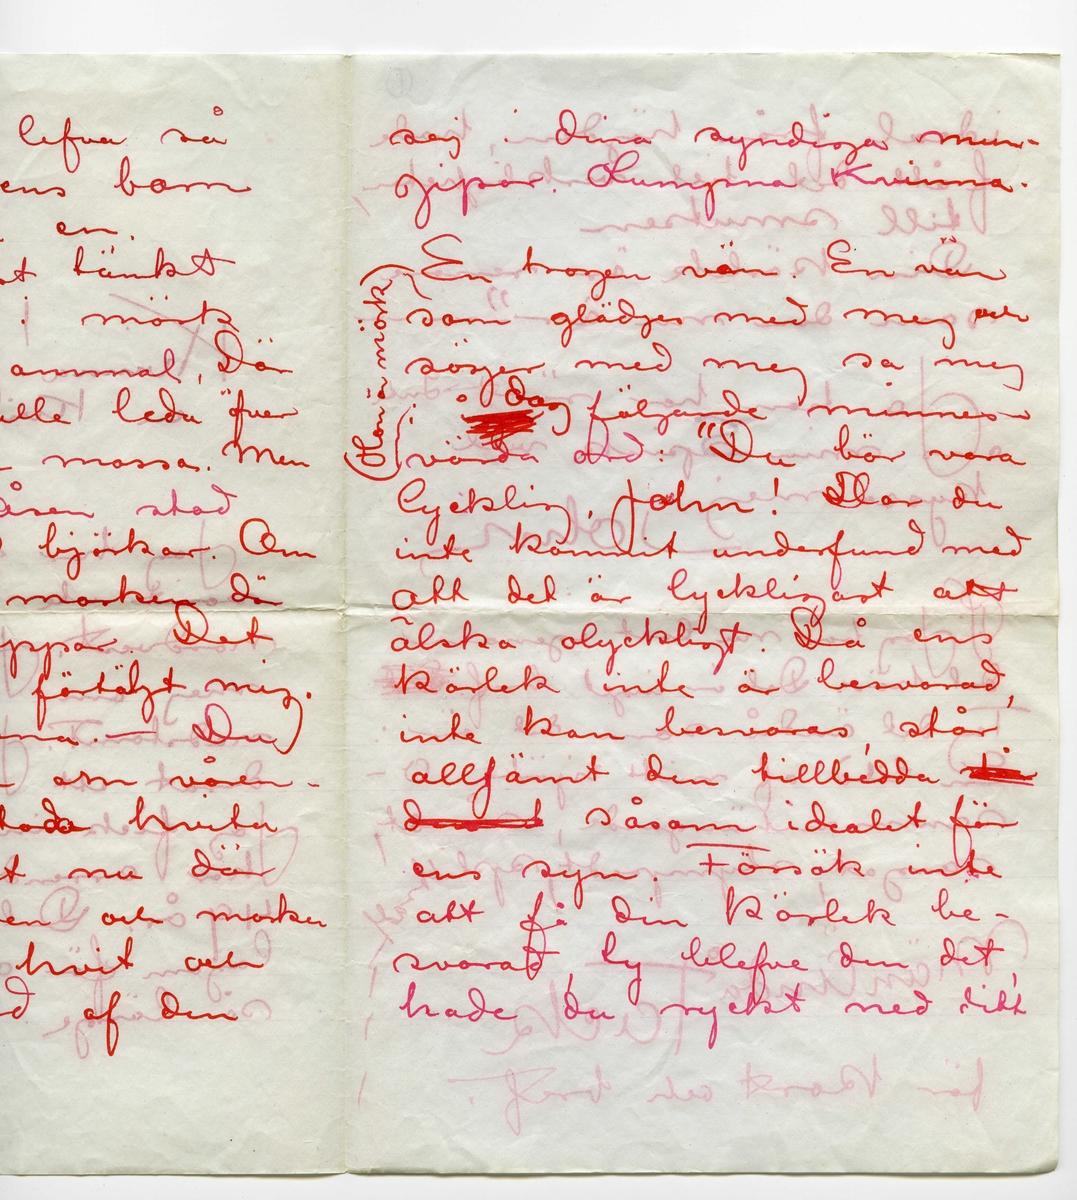 """Brev 1903-12 från John Bauer till Ester Ellqvist, bestående av åtta sidor skrivna på bägge sidor av två vikta, tunna pappersark. Huvudsaklig skrift handskriven med rött bläck.  . BREVAVSKRIFT: . [Sida 1] Sjövik Dec  1903 . Kvinna! ty du är  en Kvinna! . Jag har några dagar  varit ute i markena norvdest. Jag har sett mej om efter en bygg- nadstomt. Jag har aren- derat ett halft tunnland. Jag fick inte köpat. Jag har arrenderat det på 49 år. Det är ungefär lagom för oss att lefva så länge. Det är inte . [Sida 2] roligt att lefva så länge att ens barn får försörja en. Jag hade först tänkt mej kojan i mörk granskog. Gammal, Där stigen skulle leda öfver mjuk varm mossa. Men på högsta åsen stod en hage af björkar. Om våren står marken där hvit af sippor. Det har folket förtäljt mig. Och björkana. – Du känner dem om våren – - De stodo hvita af rimfrost nu där uppe på åsen och marken var också hvit och ett tunnland af den . [Sida 3] marken kan jag nästan kalla min. Så var jag åter hemma och läste ditt bref. Där stod """"Barrdoft"""" """"barrdoft"""" Det ordet är grannt och vackert men det är falskt. Jag tackade Gud att jag ägde ett tunnland af björkhagen uppe på åsen Jag åker snart dit igen. Tänk dej. Jag köper bara en biljet  och lägger mej på  mjuka dynor och åker på 1 timma in i him melen. min hage af björkar på åsen. Där  . [Sida 4]  är allt hvitt, hvitt mark och stammar och grenar och kvistar. Hvitt, hvitt min Esthers färg. Hvem Esther är? Jo. Esther är namnet på den sommarfagraste mildaste och känsligaste medmänniskan. Det är egendomligt att skrifva så till dg Du har ju samma namn som hon – ha! Ni två sam ma namn. Det  är ödets hånande iro ni. Hon har en mun . [Sida 5] af korall – nej rosor. Din är ju vidrig. Du har ju gulgröna ögon fulla af ondska och falsk stolthet. Hon har ett ögonpar som det lyser barngodhet och glädje ur och hvars couleur är sommarhim- melens om kvällningen i zenit. Och så har hon ett stort långt guldglänsande hår (ditt är ju stripigt vill jag minnas) Det hå"""